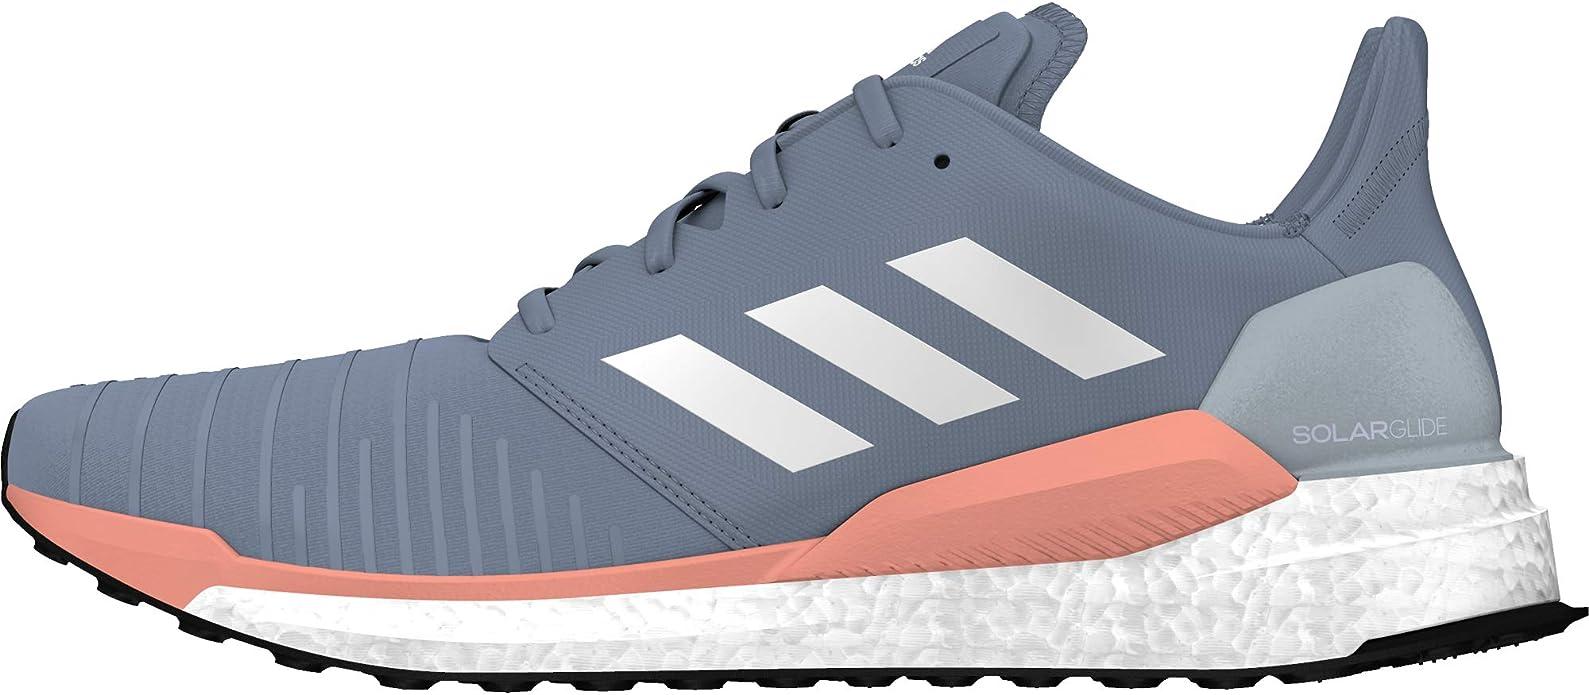 adidas Solar Boost W, Zapatillas de Trail Running para Mujer: Amazon.es: Zapatos y complementos